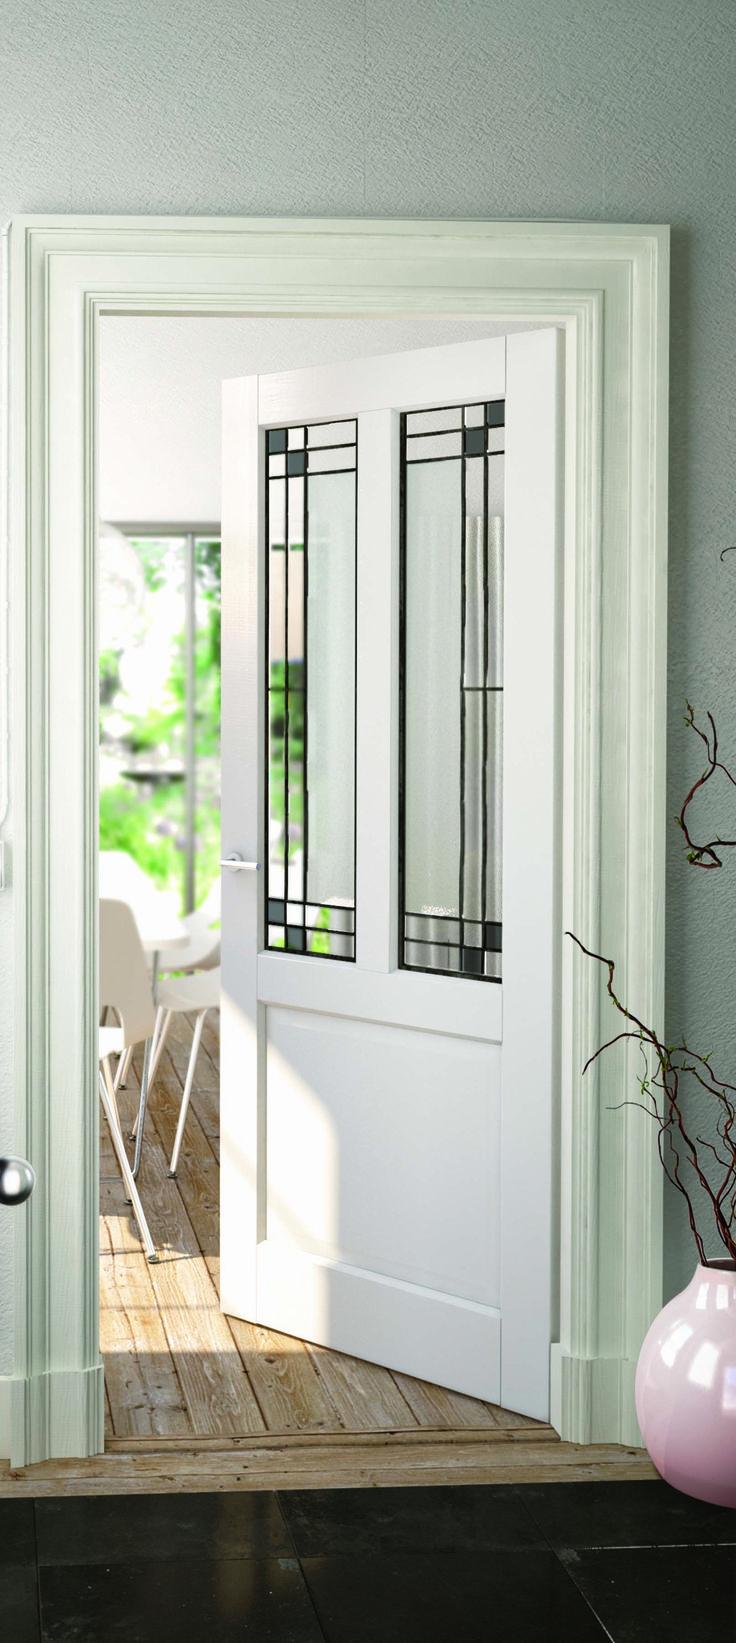 2adore binnendeur Gladiolus met ambachtelijke glas-in-lood ruit Vanille